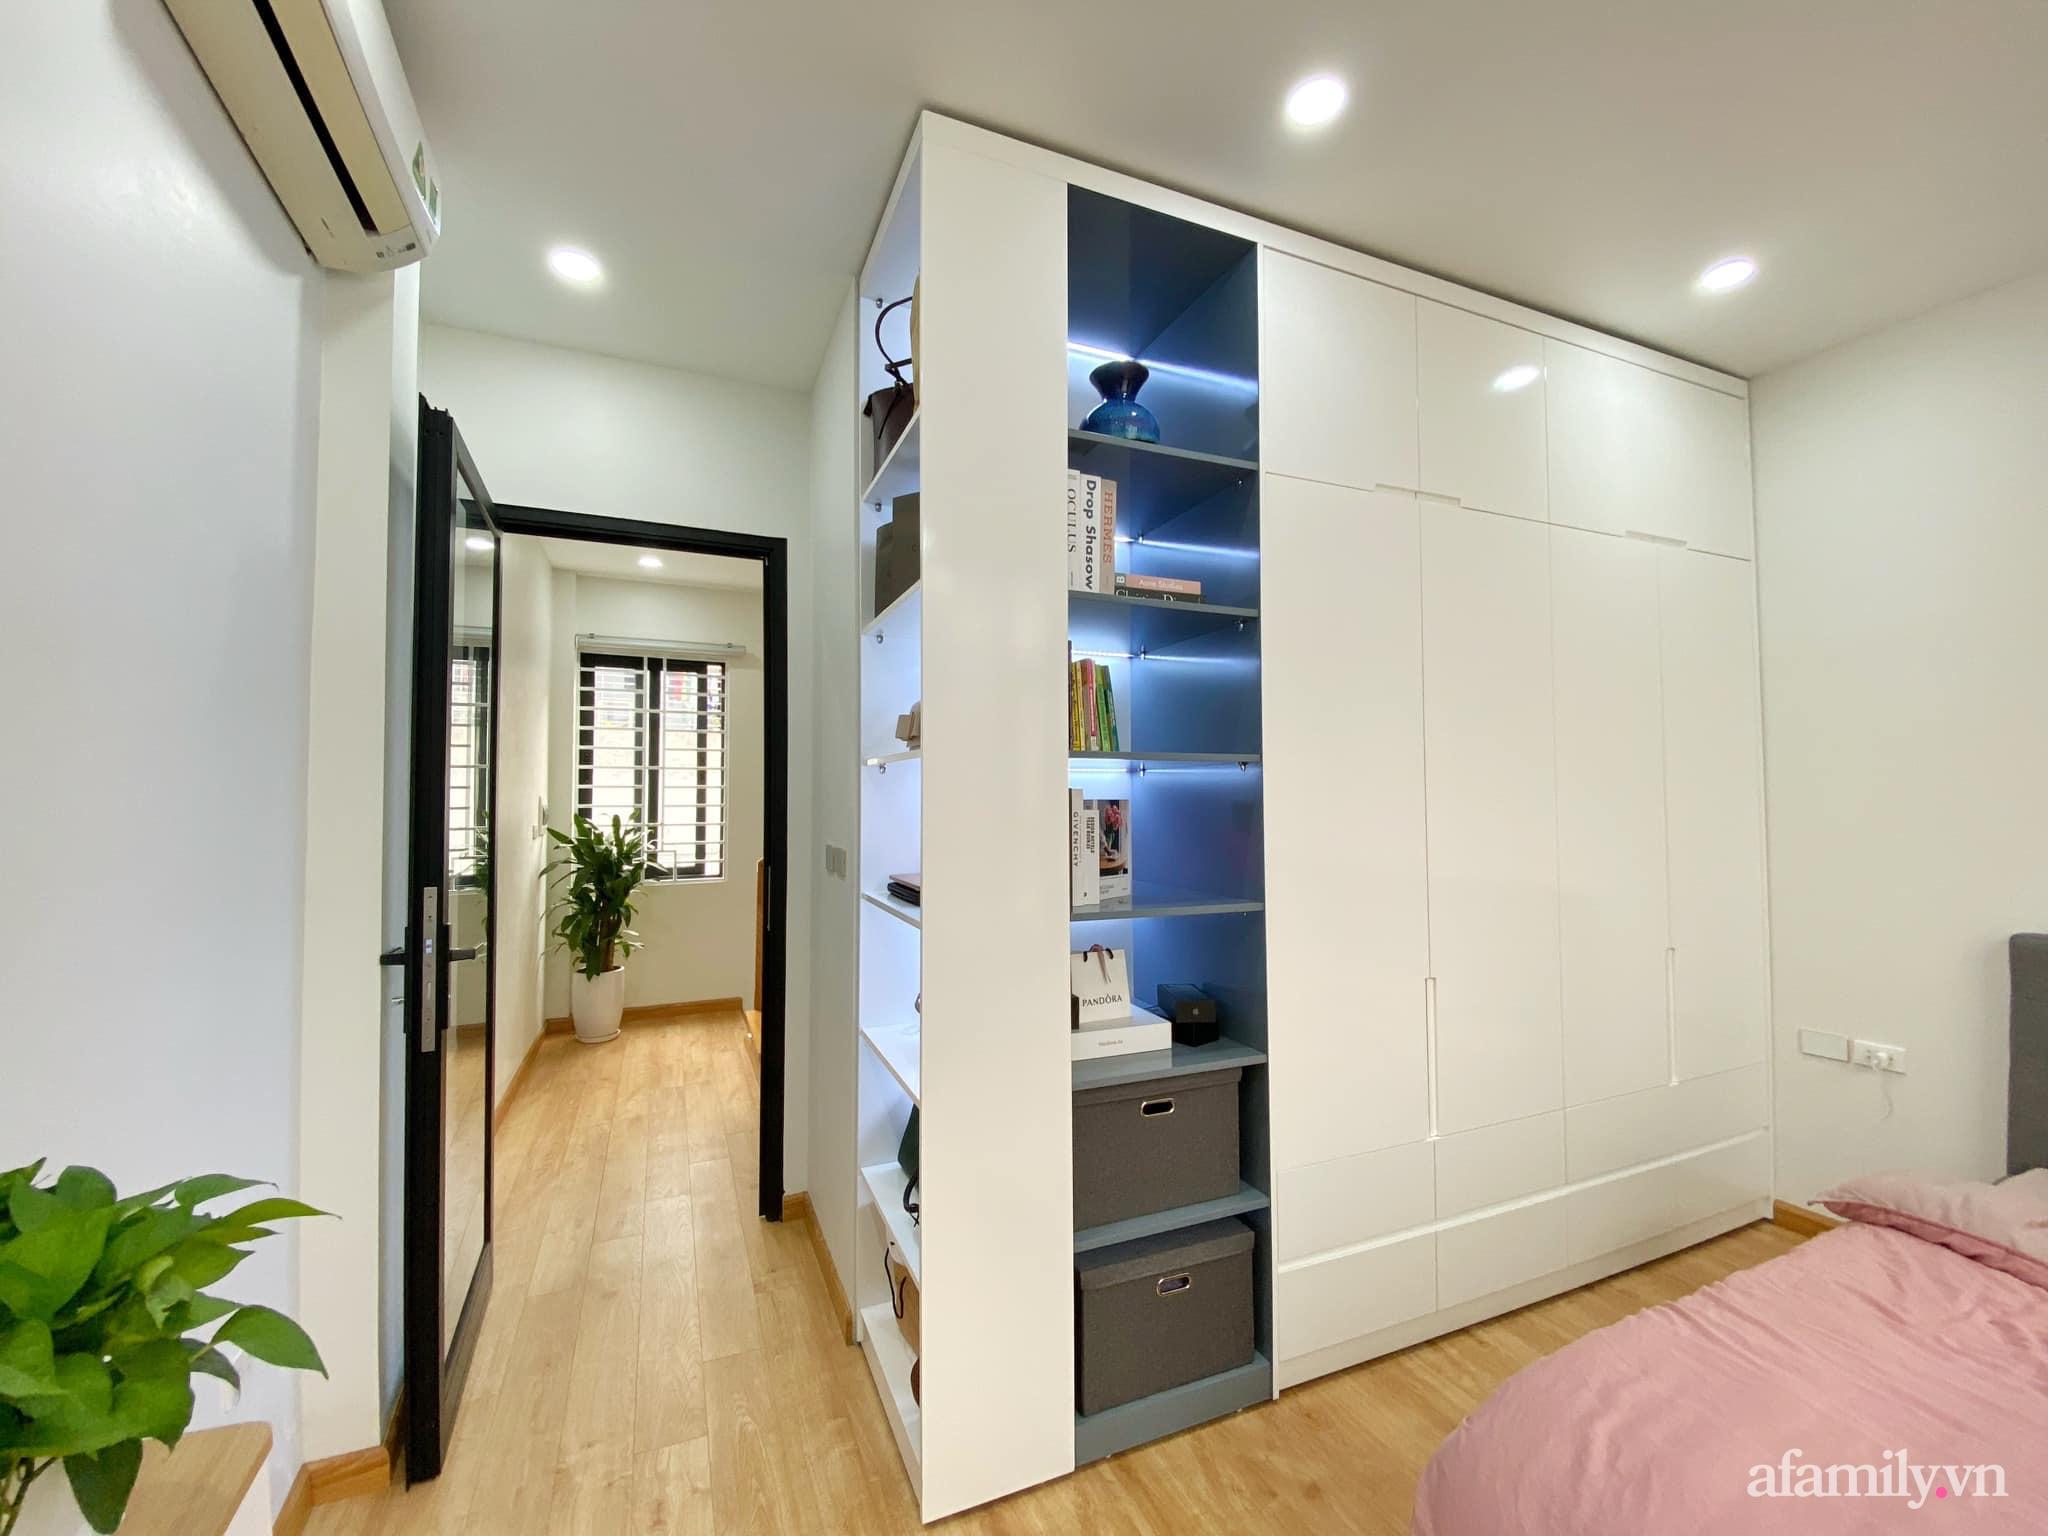 Nhà phố 32m² với 4 tầng rộng thoáng, góc nào cũng ngập ánh sáng ở ngõ nhỏ Thanh Xuân, Hà Nội - Ảnh 12.